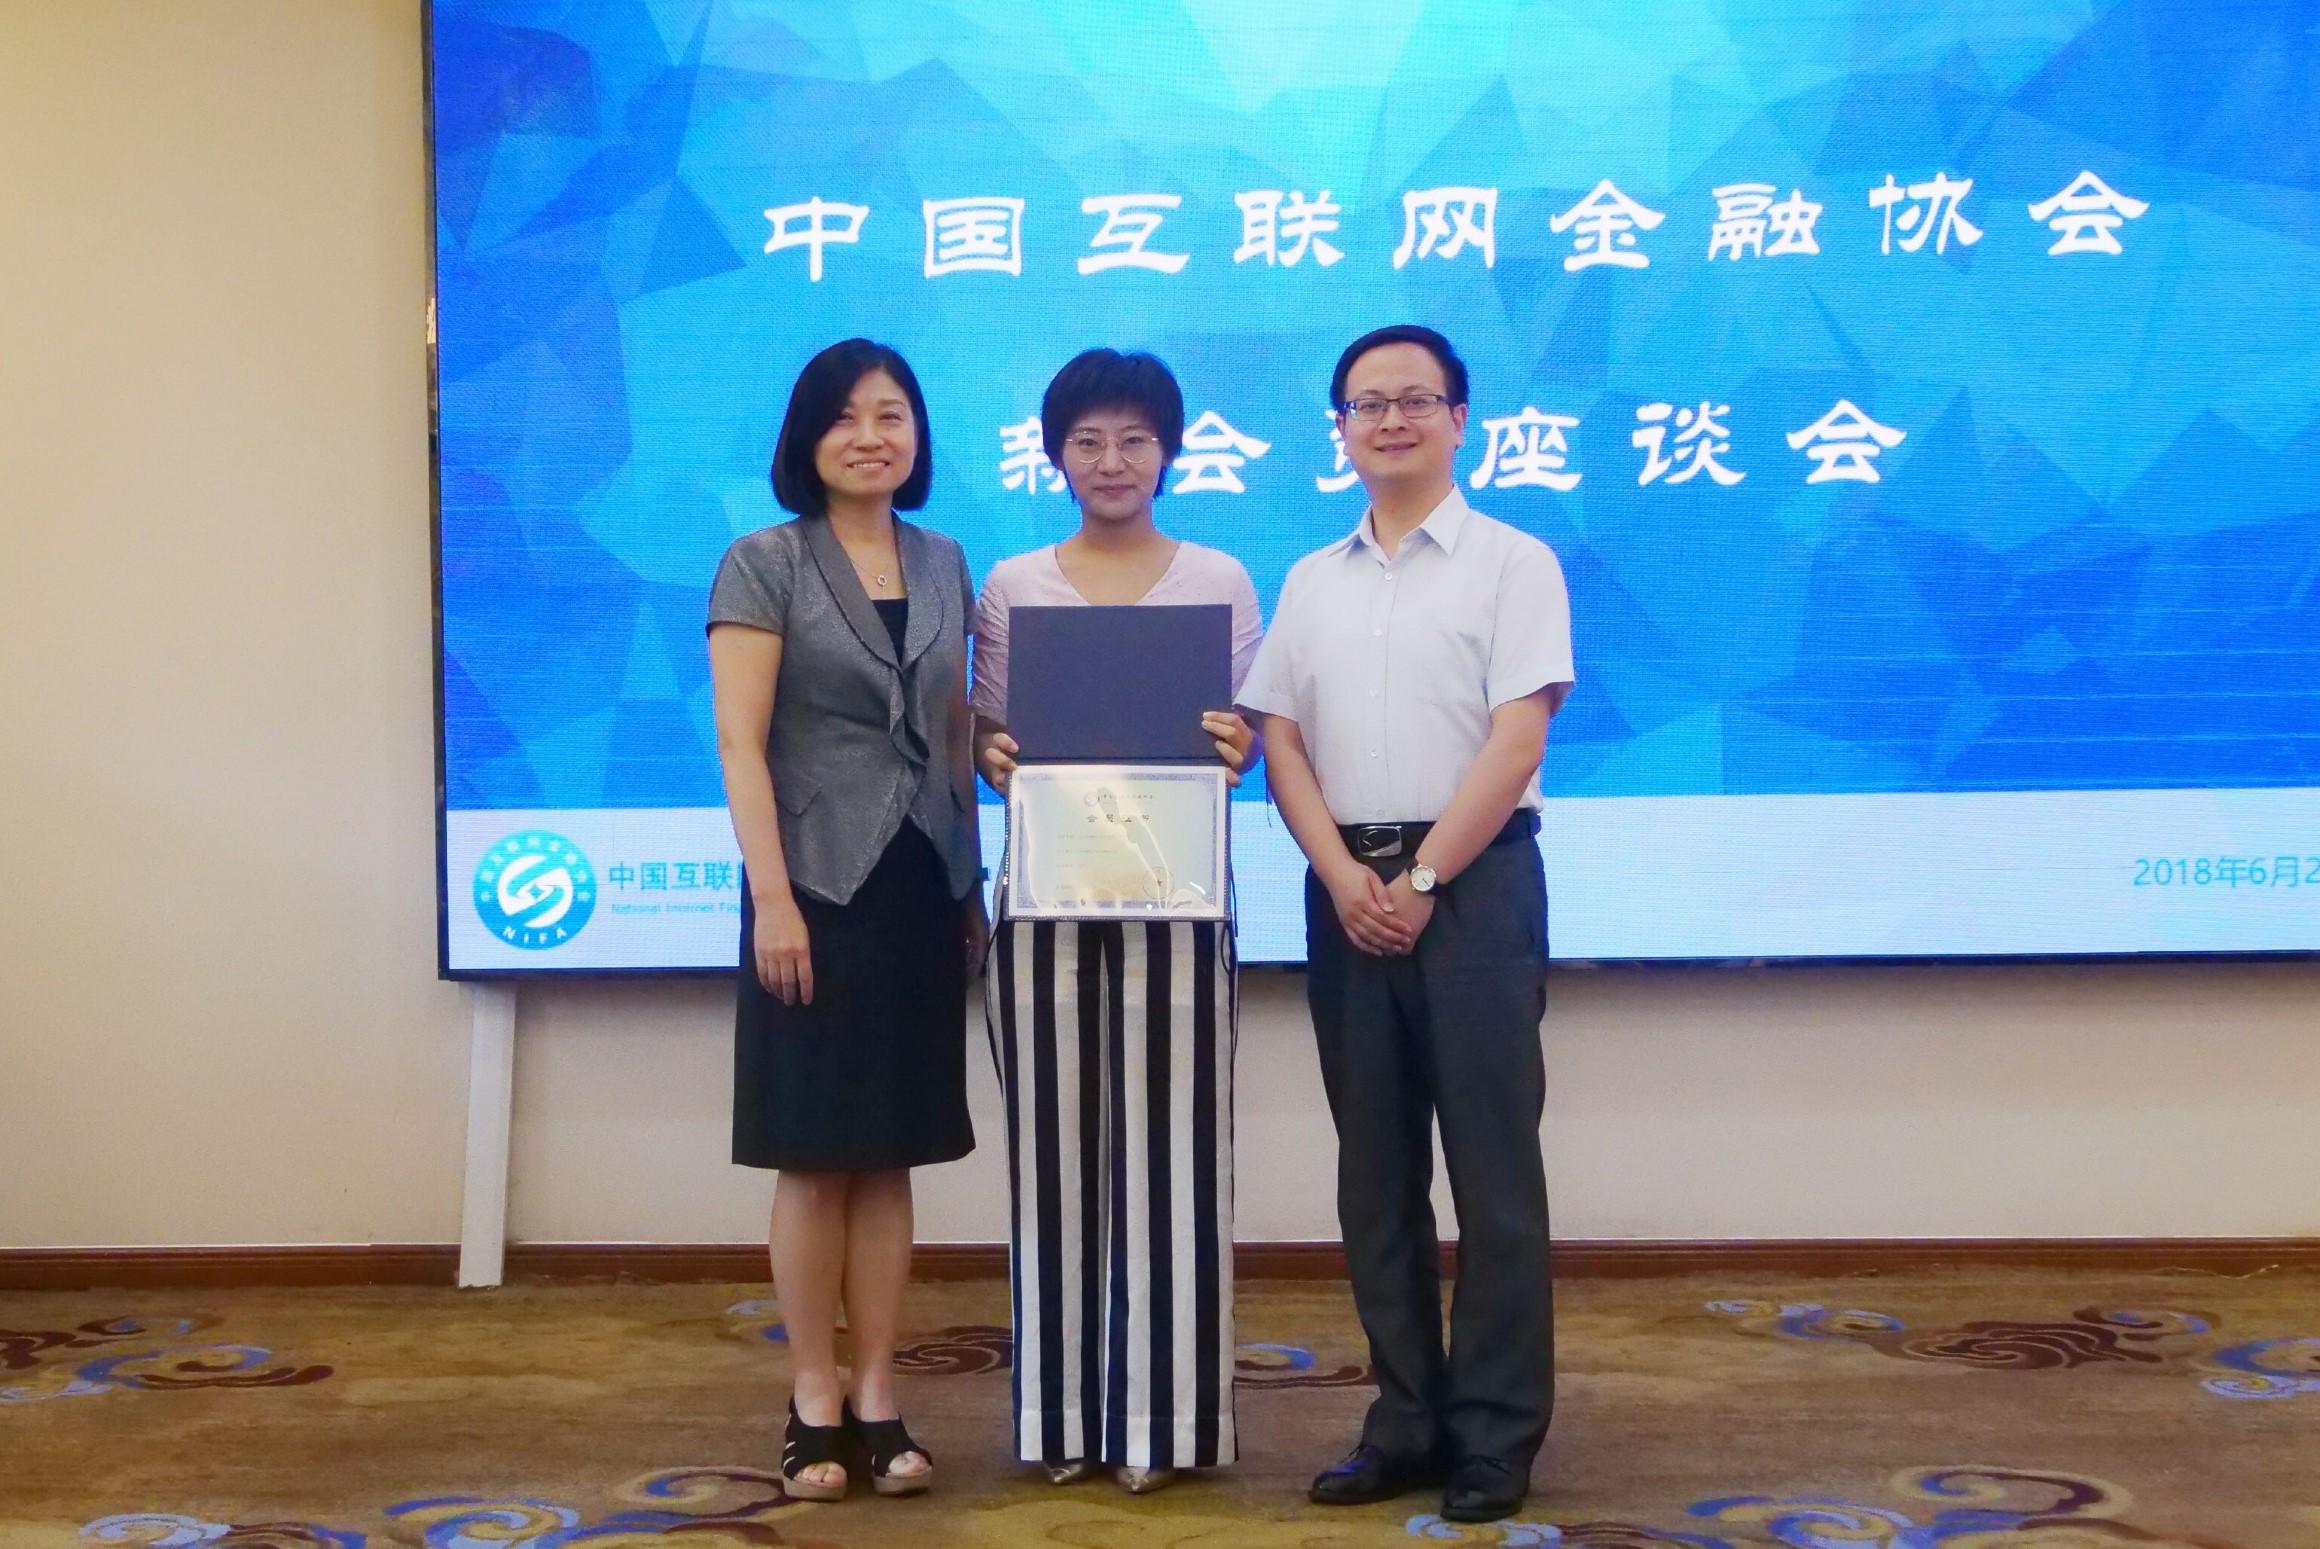 财鱼管家加入中国互金协会:成为首个资产管家类会员